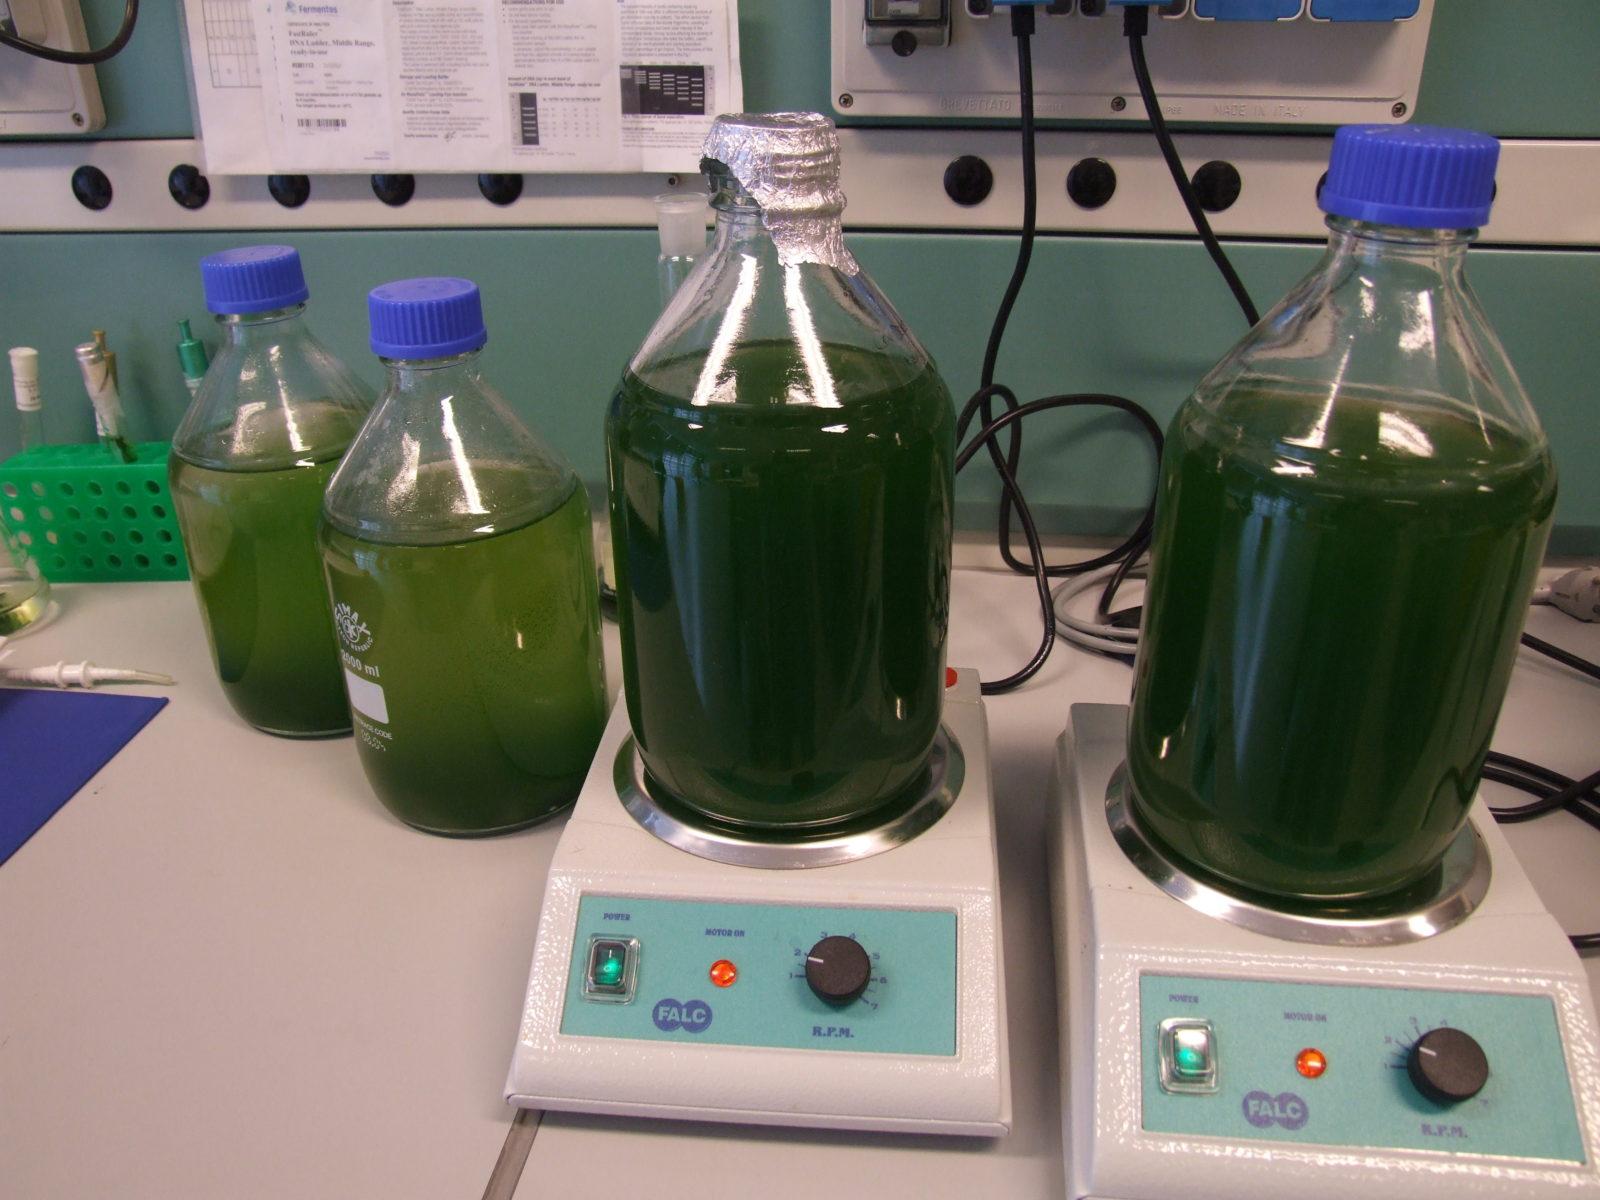 Microalgae cultures